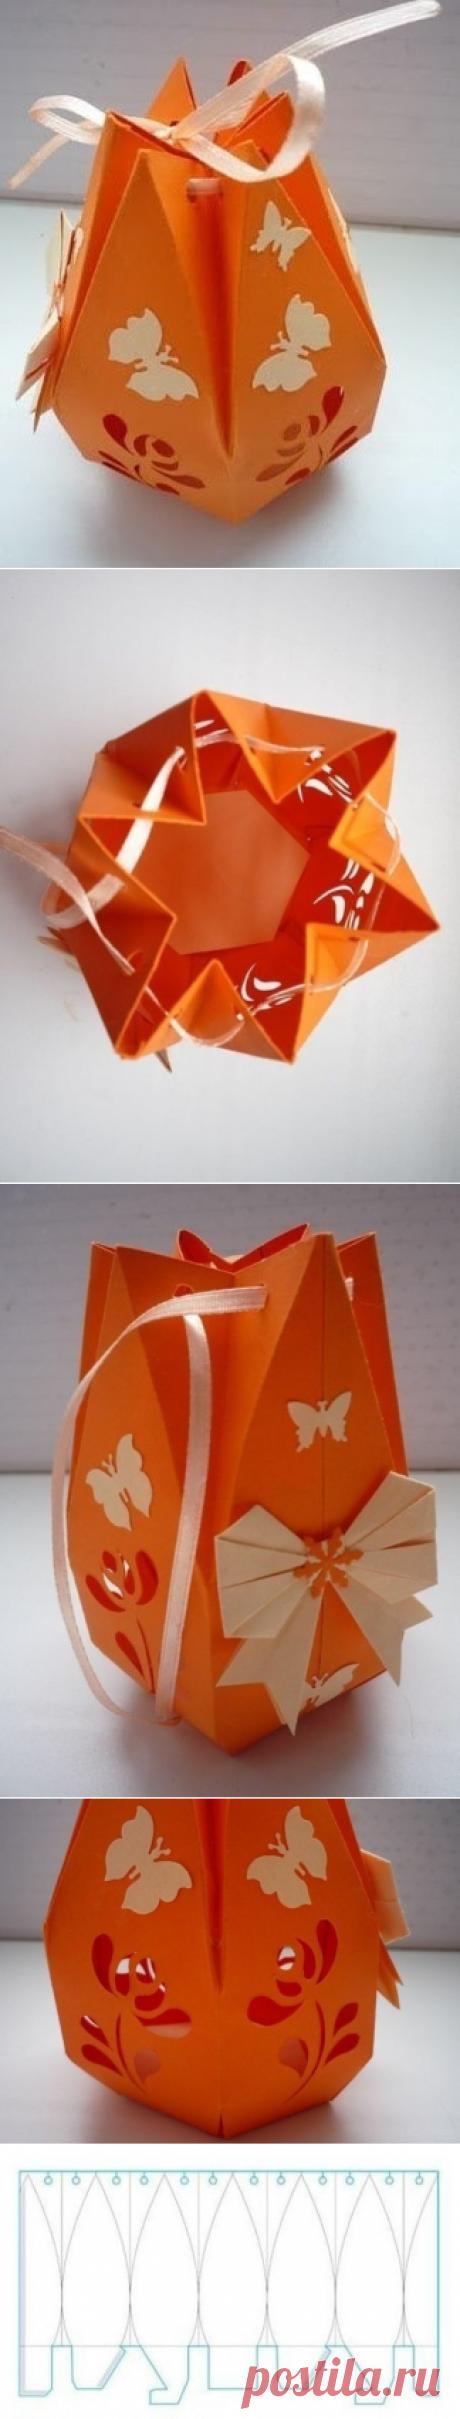 Оригинальная подарочная коробка своими руками — Сделай сам, идеи для творчества - DIY Ideas